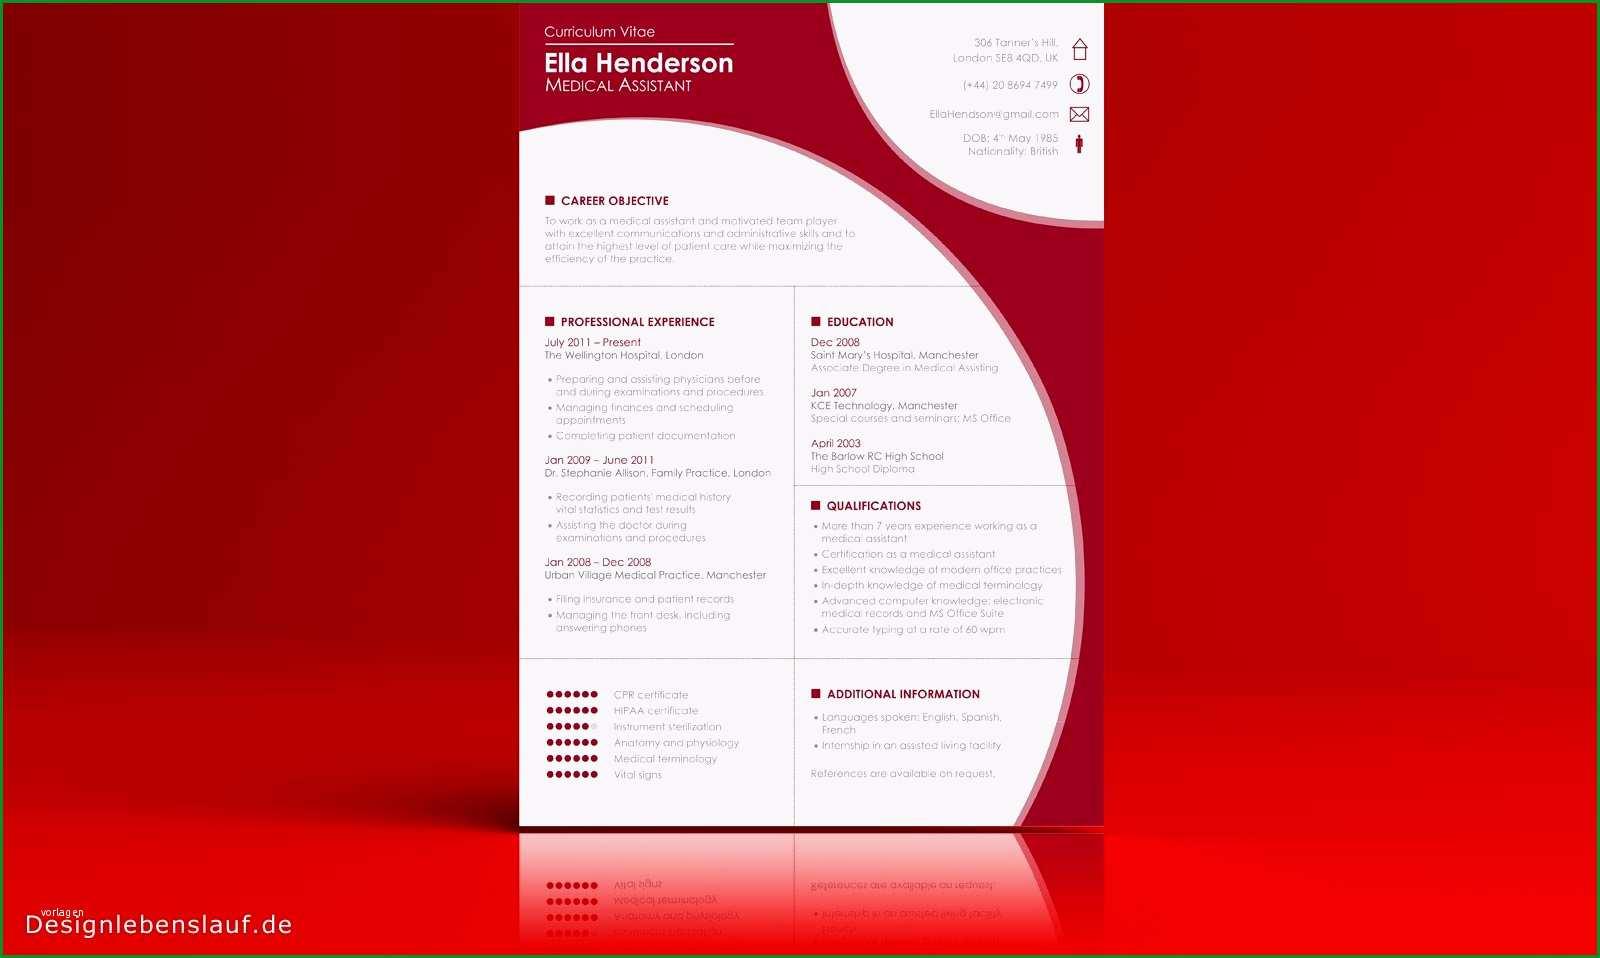 lebenslauf layout vorlage bewerbung auf englisch mit cover letter und cv zum